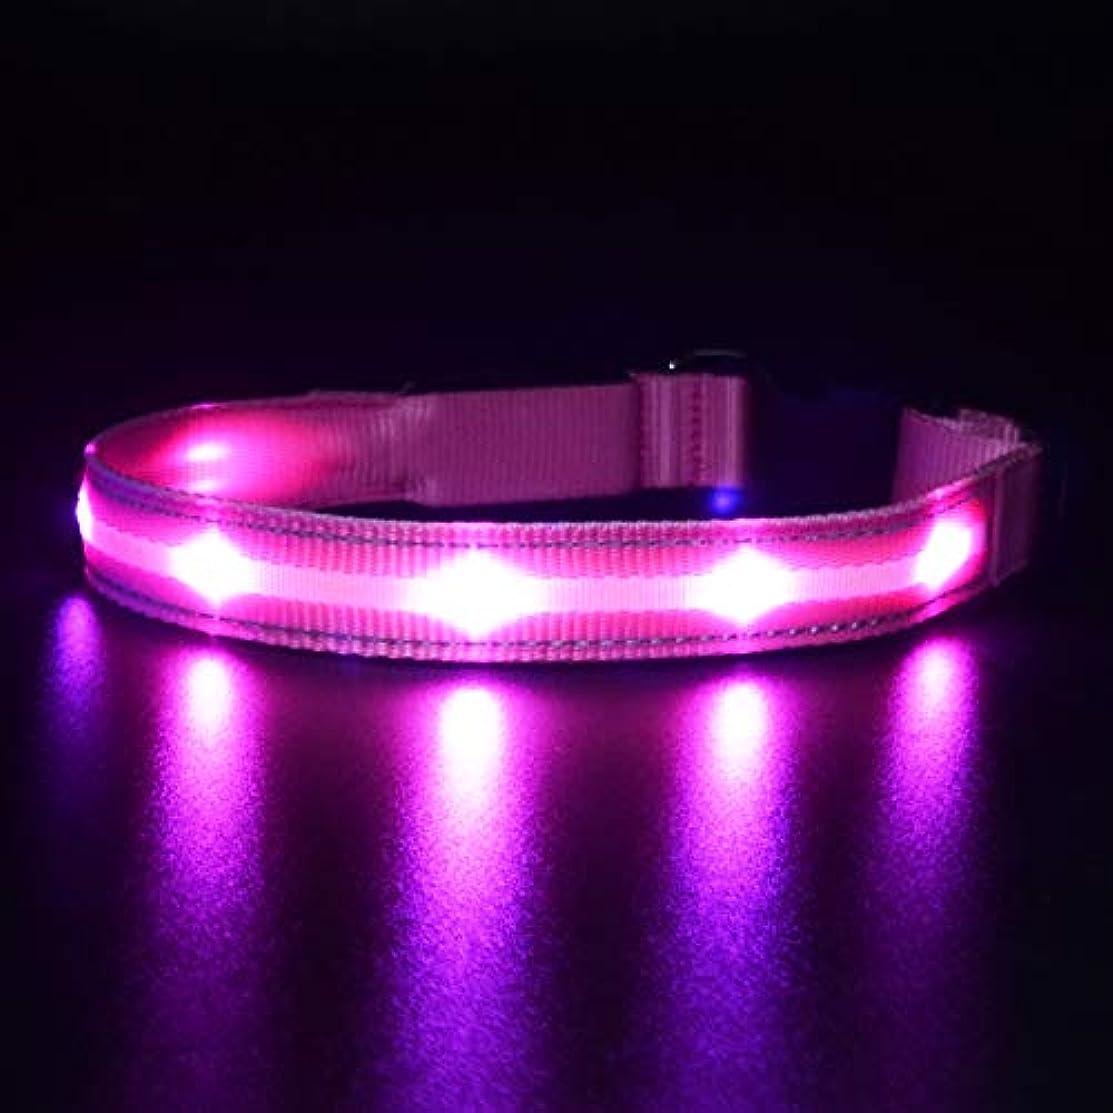 居間発音出発するMASBRILL LED光る首輪、防水USB 再充電  猫用 犬用 蛍光·安全首輪、ペット 夜間 安全性、犬の安全対策。強力なLEDライト 1000m先から目視可能。3種類のライトモードを搭載、小型犬や中型犬や大型犬に適しています。